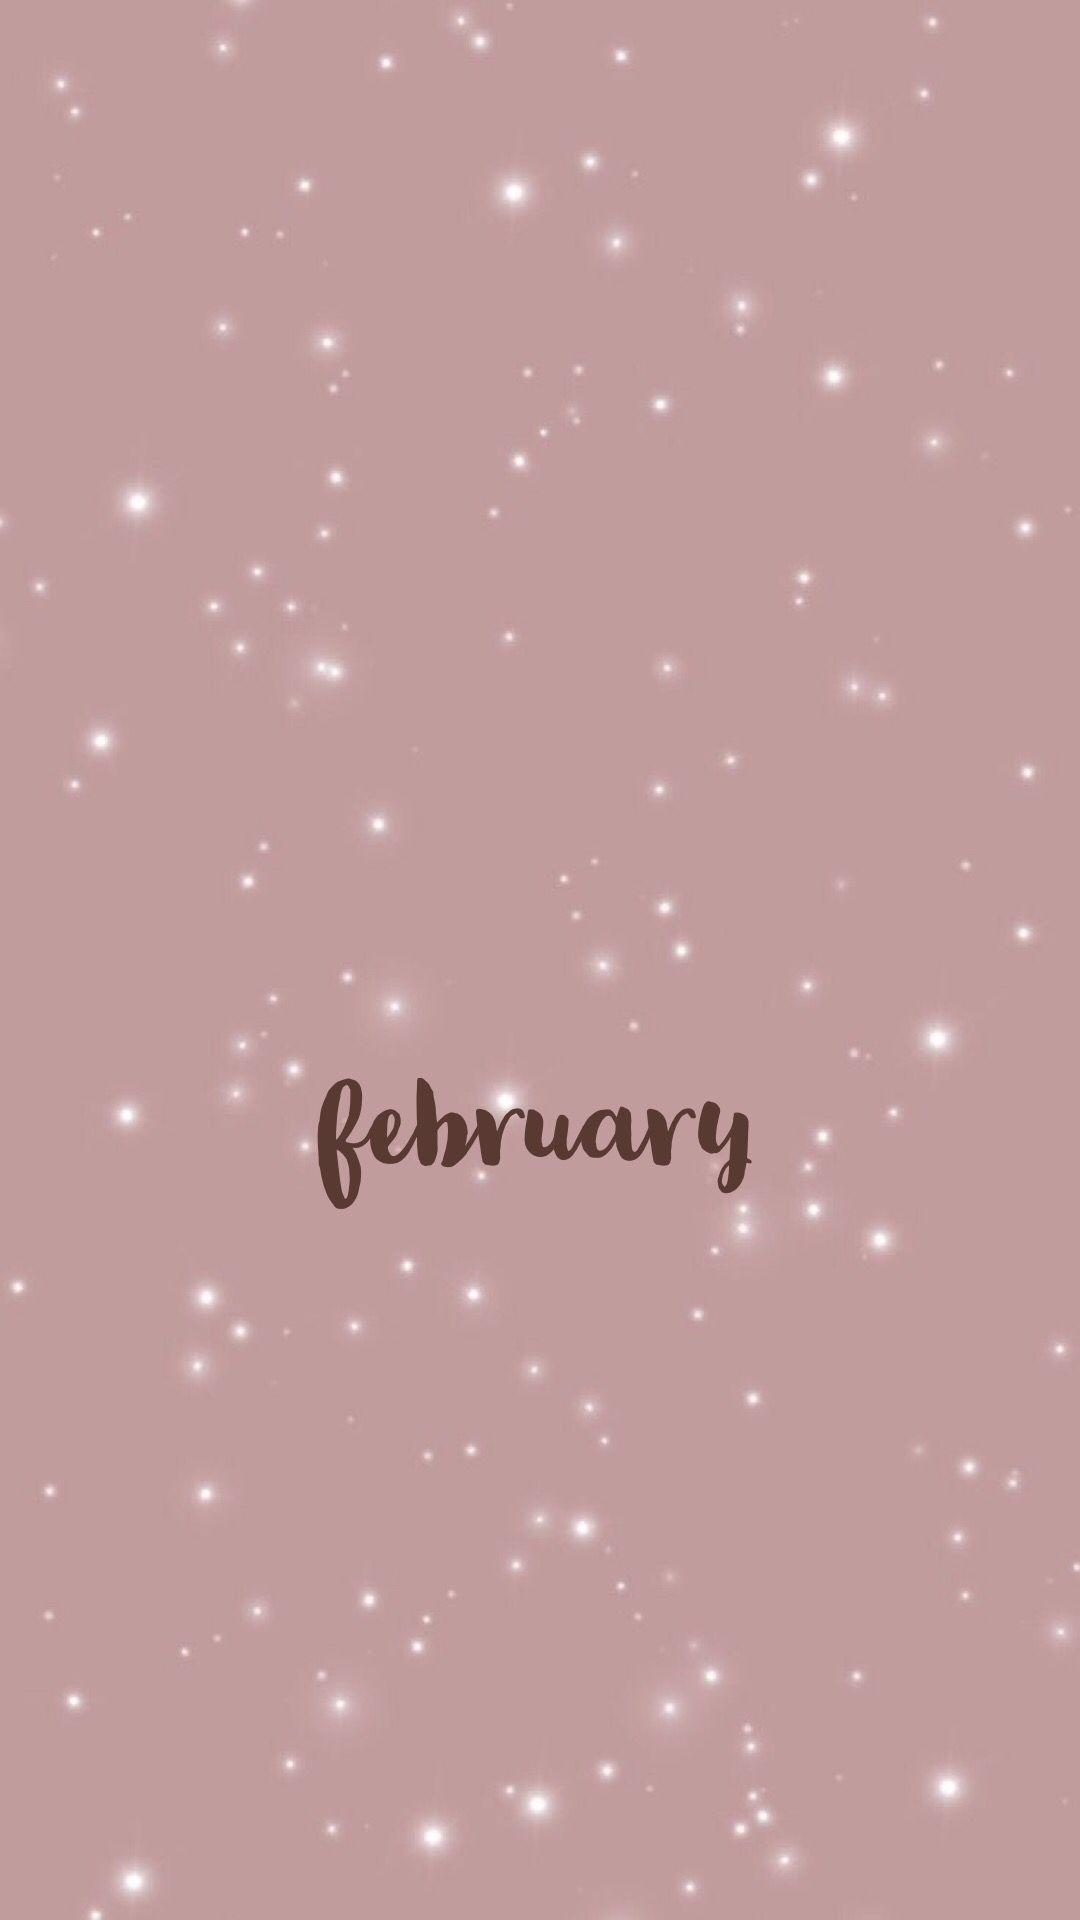 february wallpaper